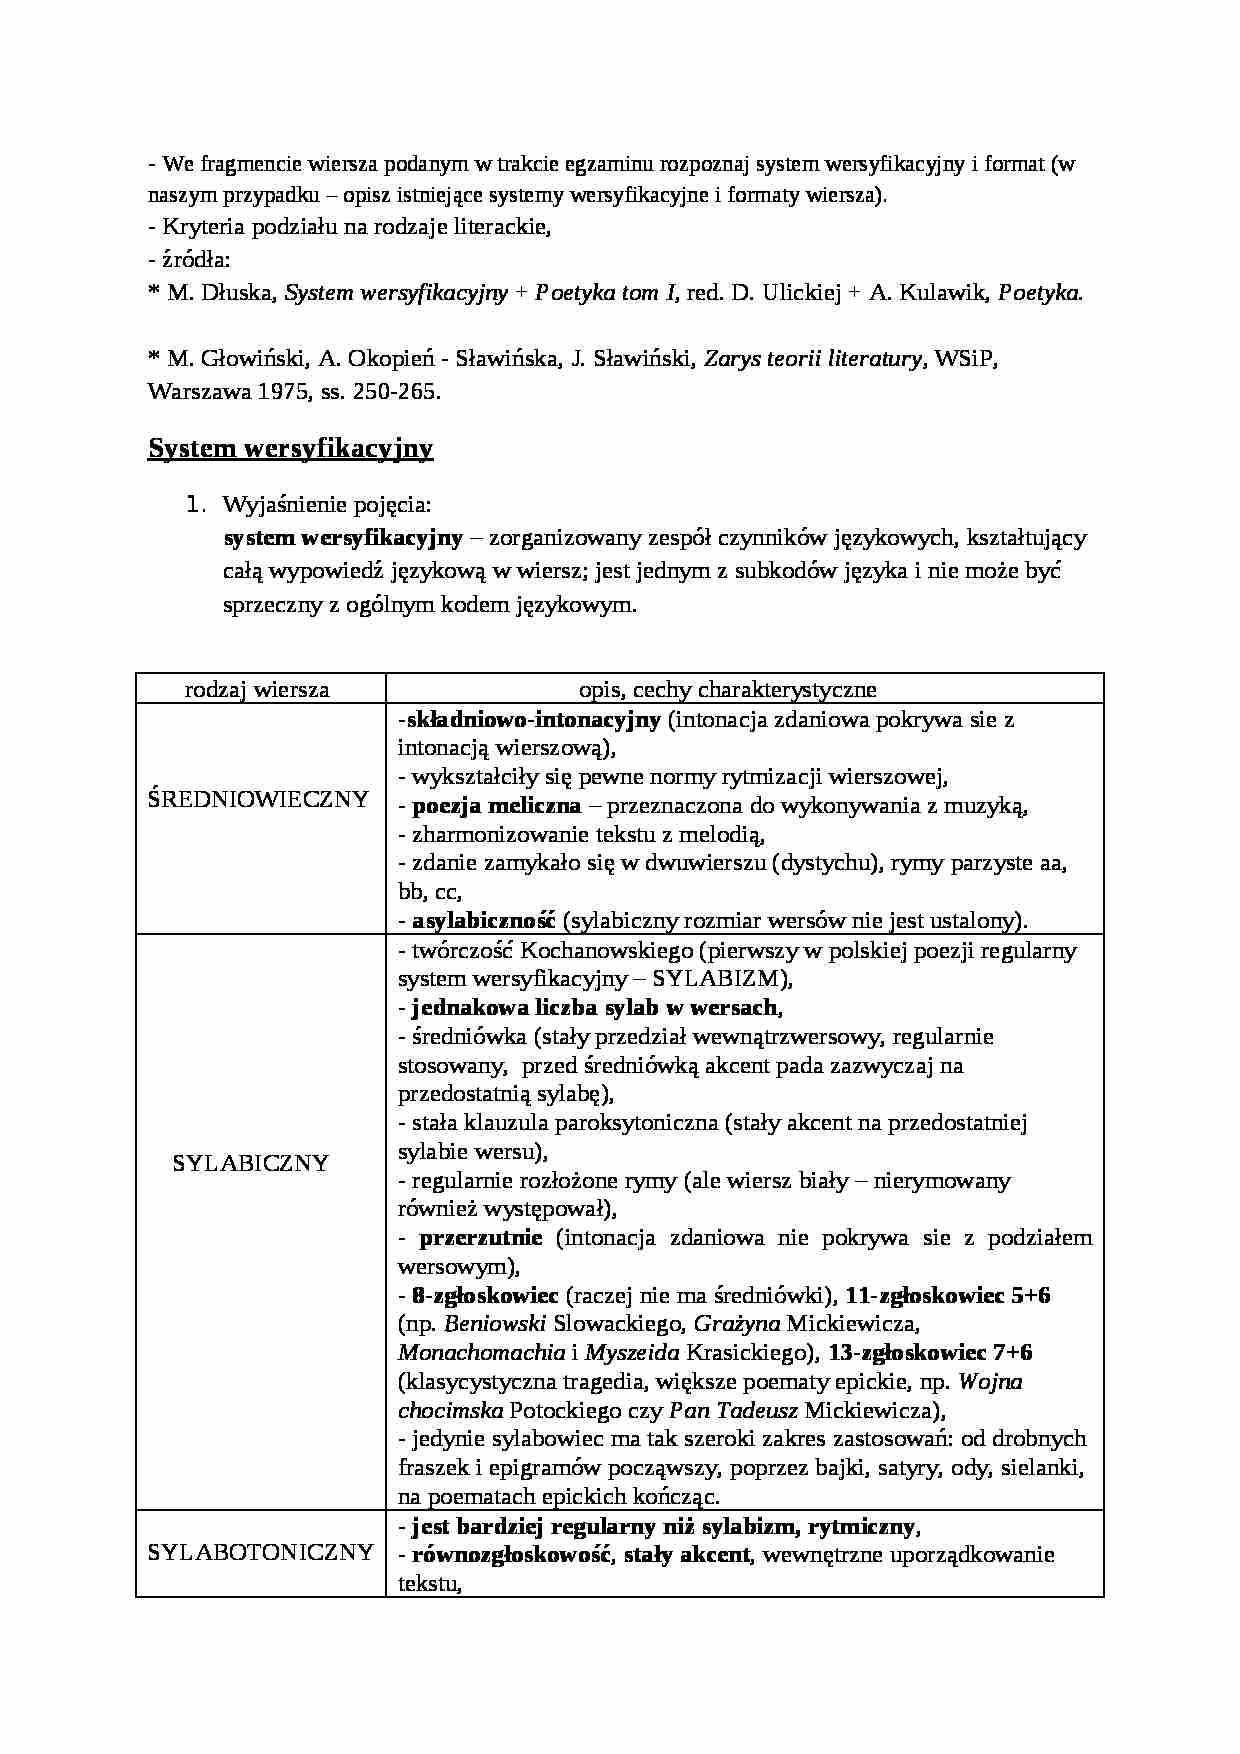 System Wersyfikacyjny I Format Rodzaje Literackie Notatekpl